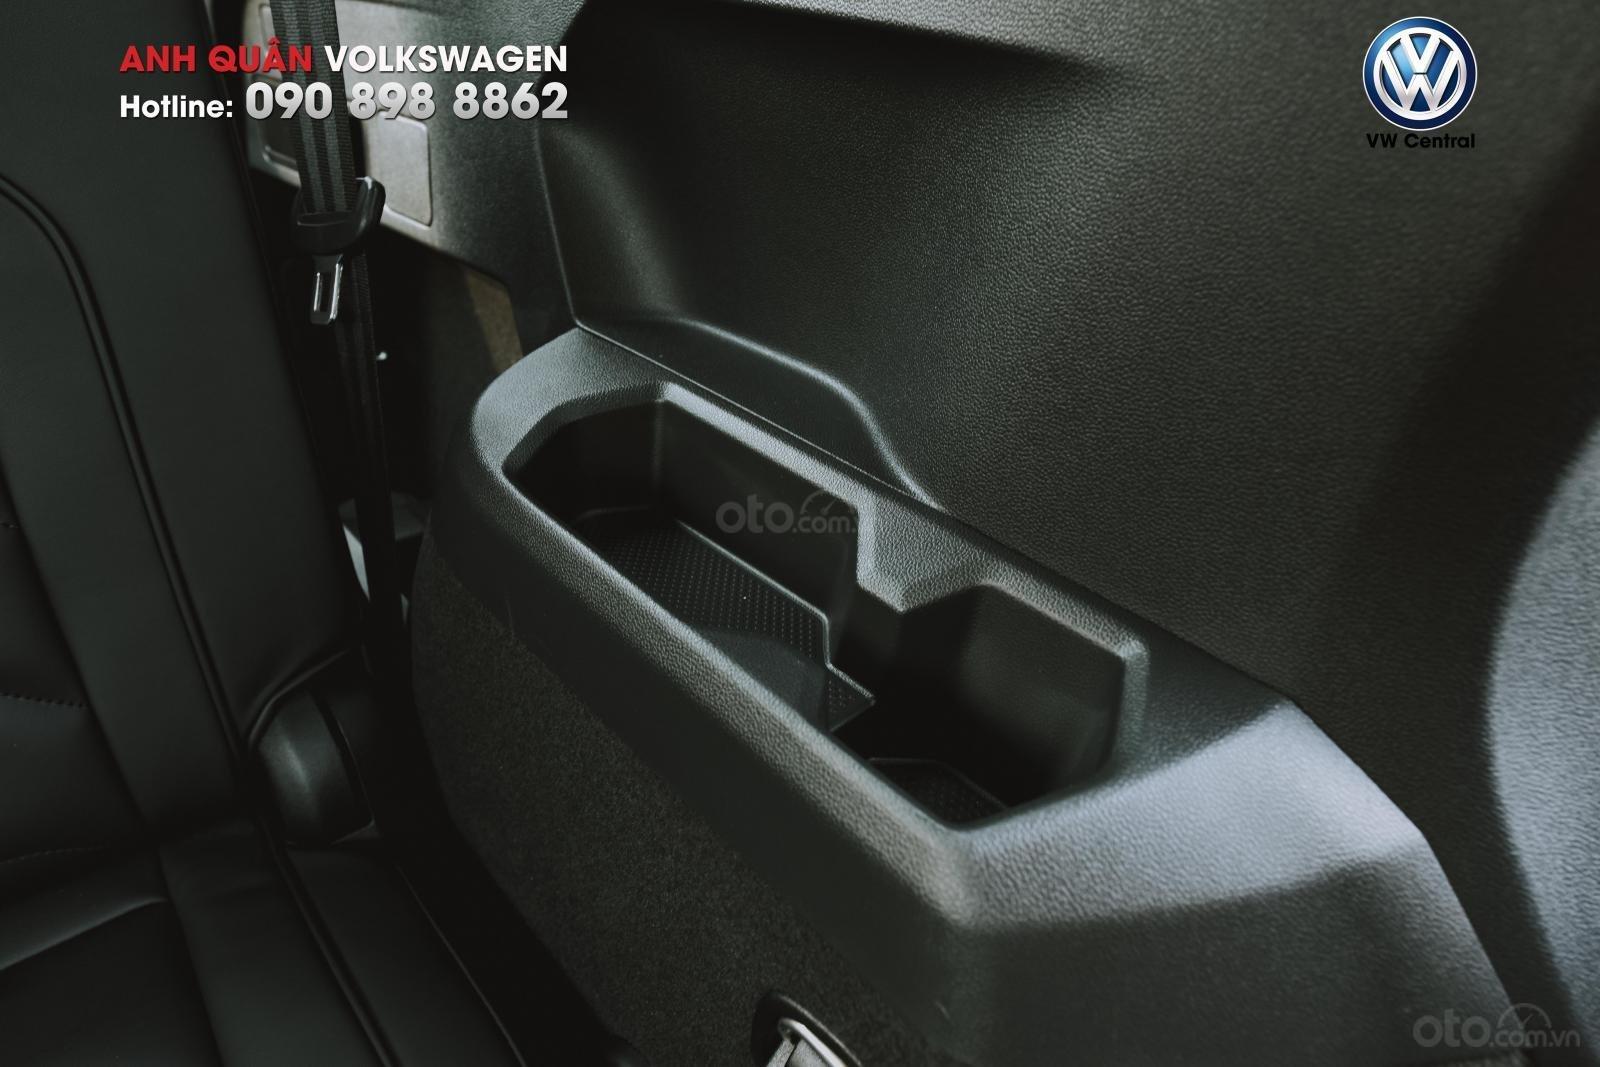 Tiguan Allspace Luxury 2020 - nhập khẩu, đủ màu, giao ngay|Hotline: 090-898-8862 (Anh Quân - VW Sài Gòn) (16)